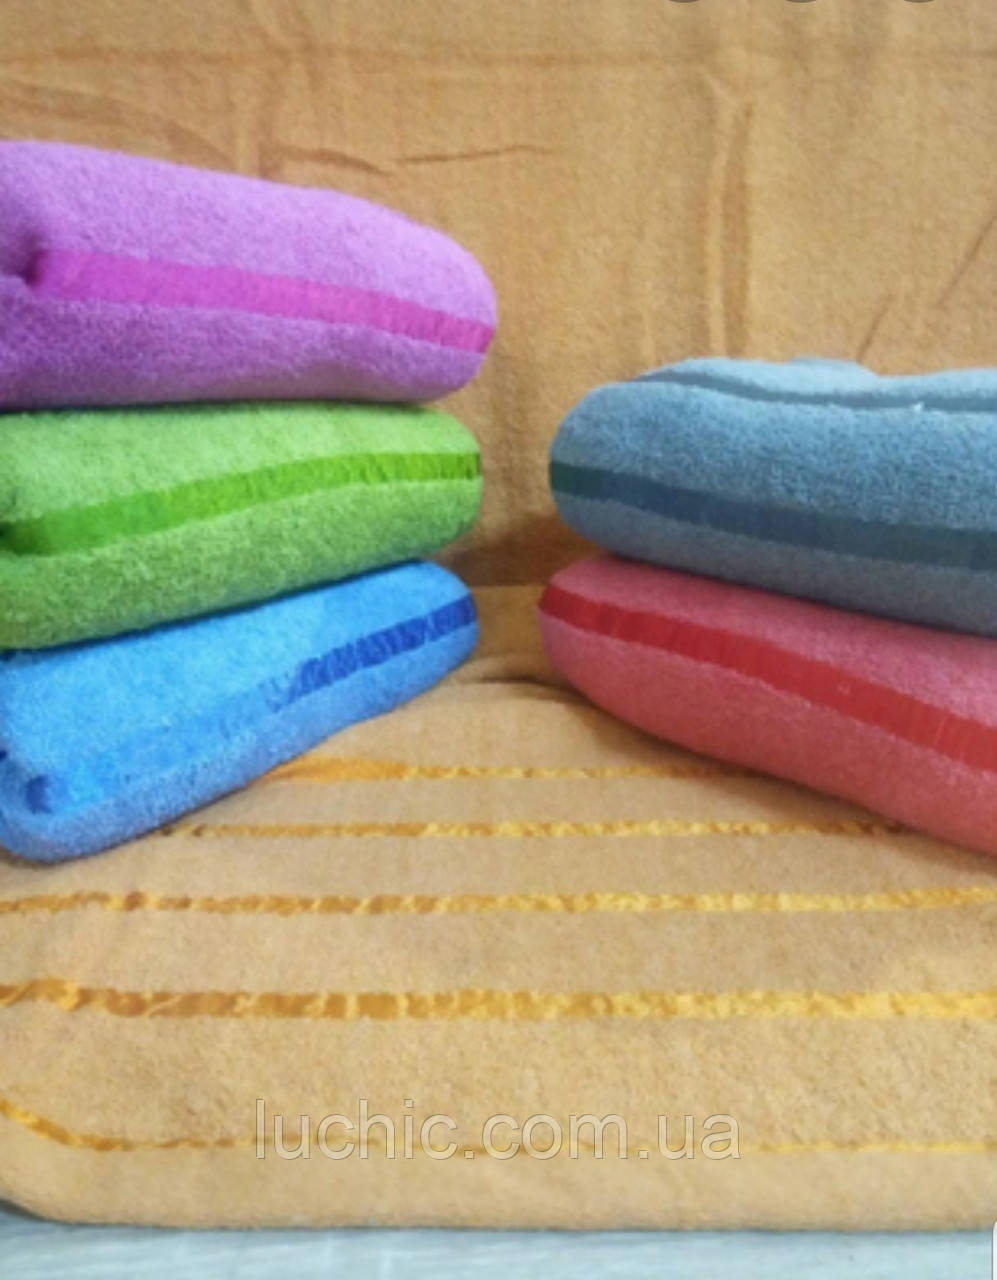 Сауна махровое полотенце 90/170 см